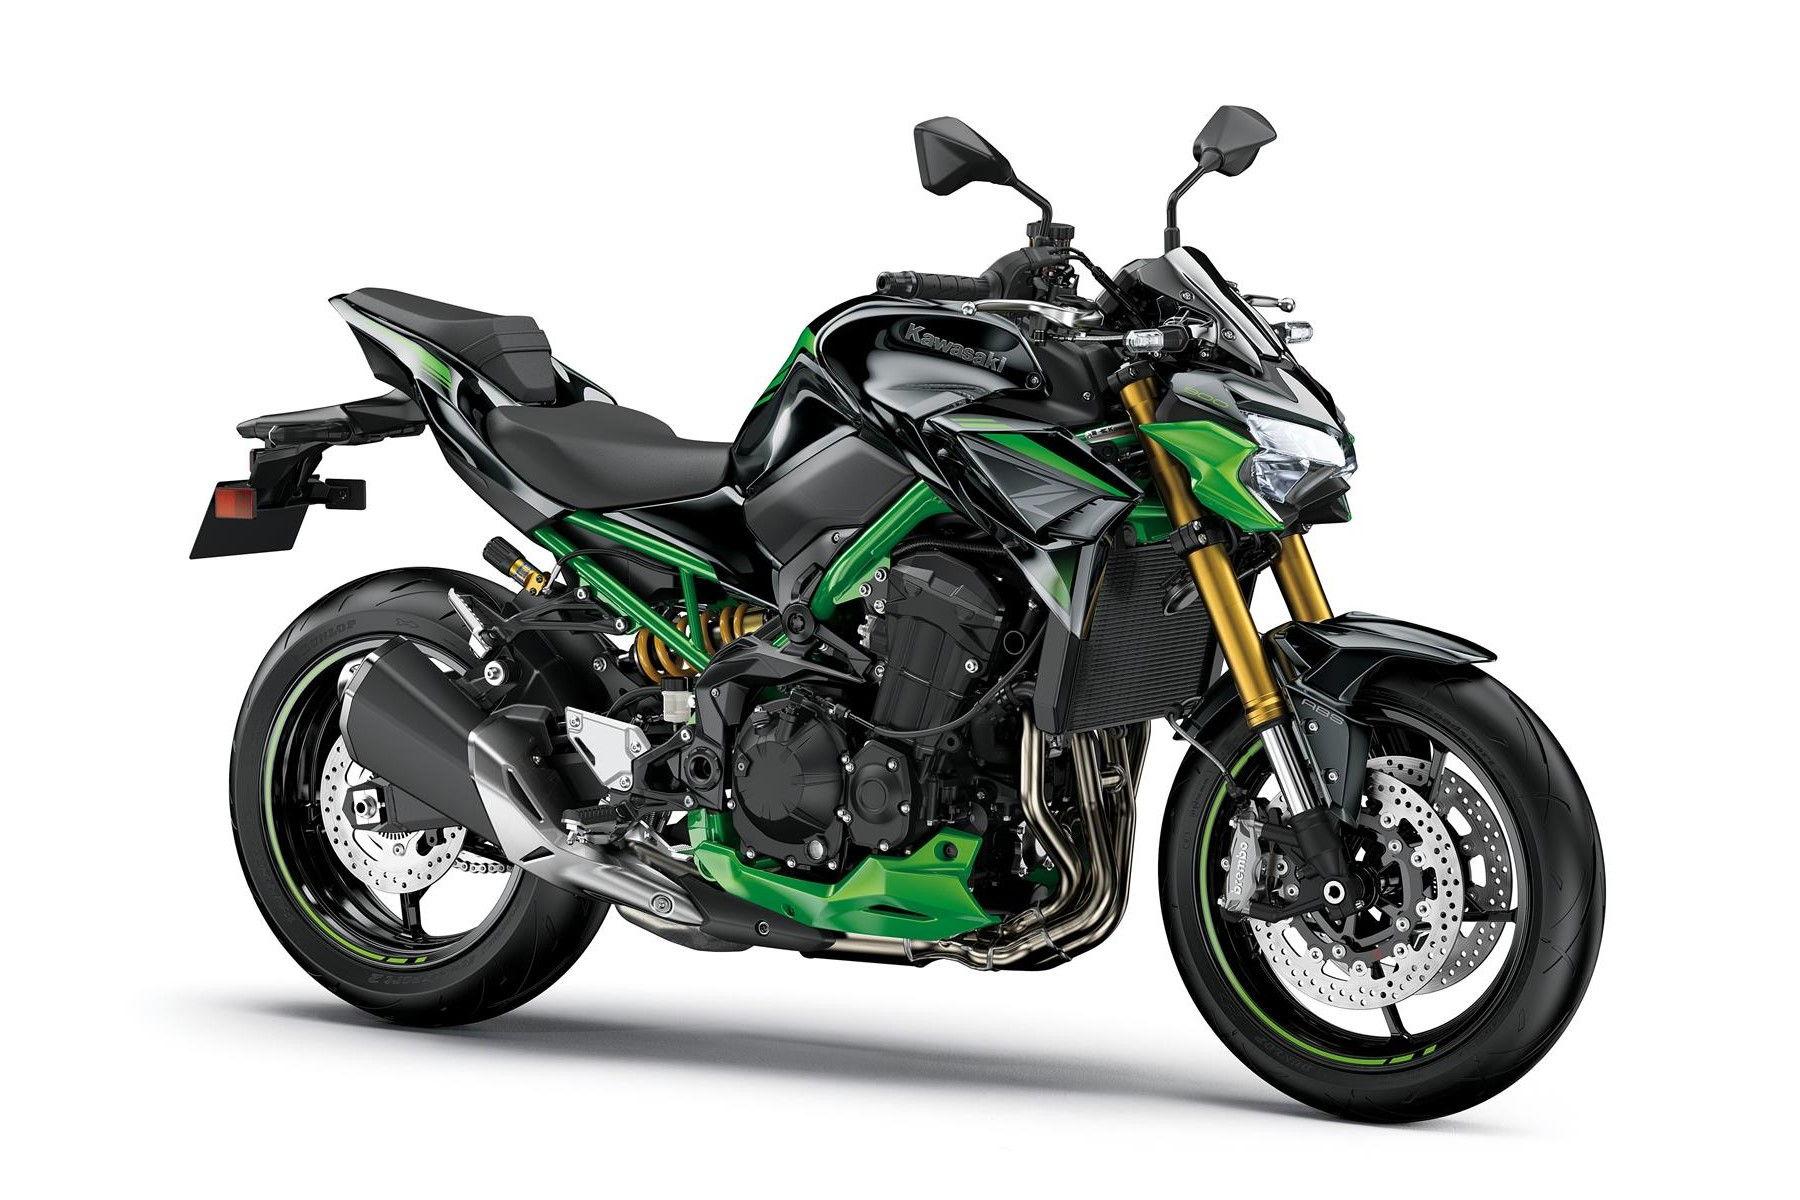 2022 Kawasaki Z900 Se Front Right